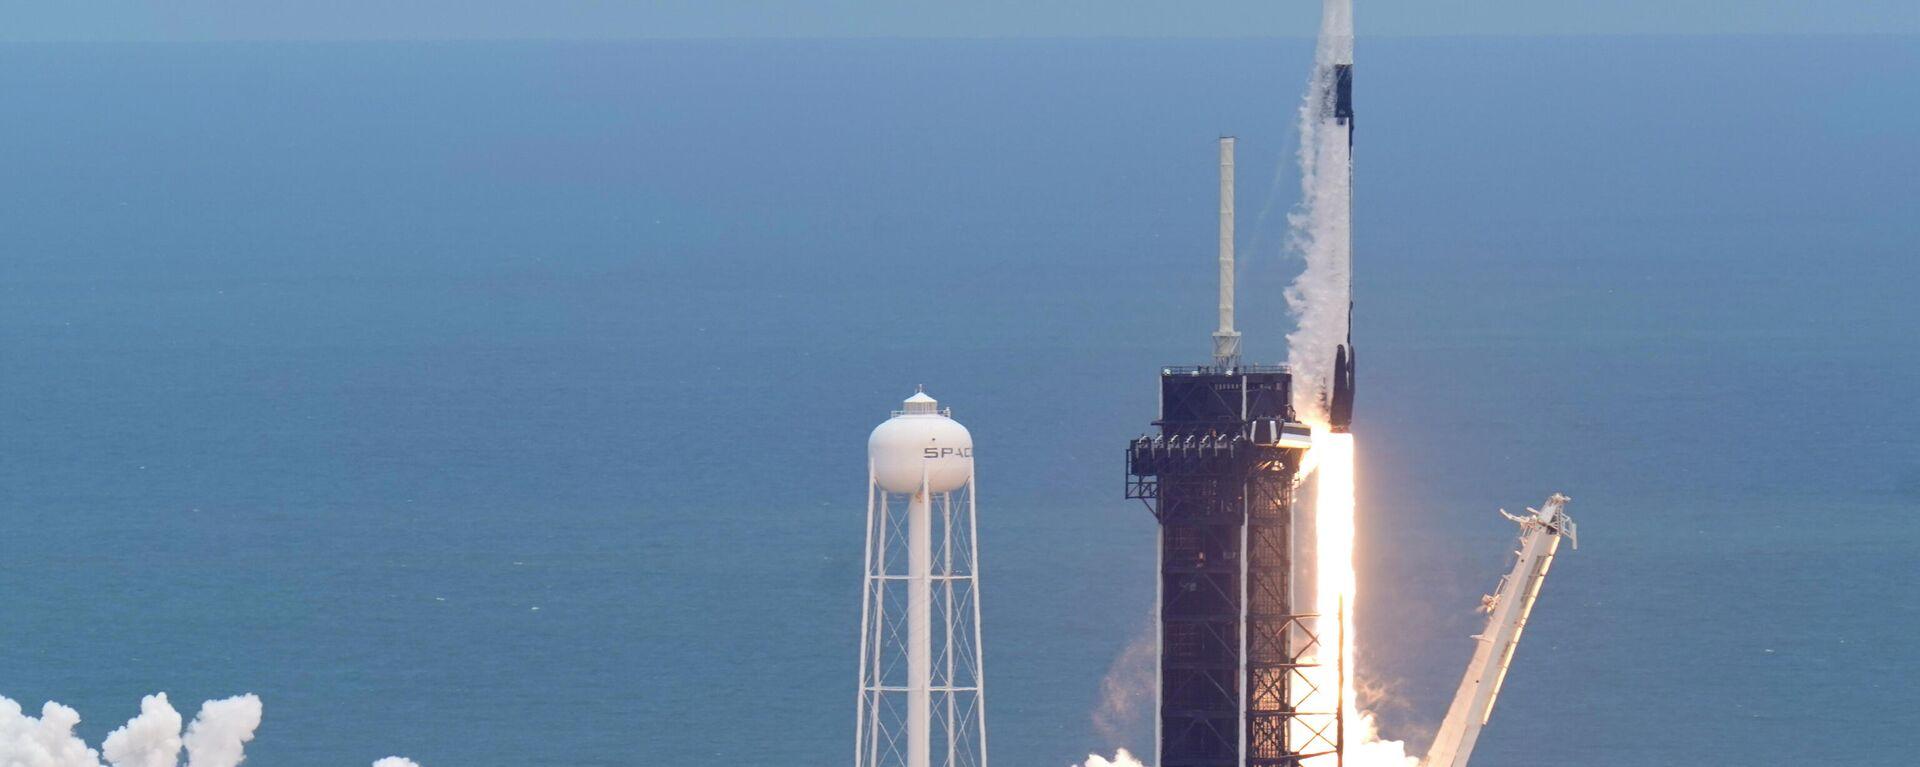 Start einer Falcon-9-Trägerrakete mit einem Dragon-Raumfrachter zur Internationalen Raumstation ISS. Cape Canaveral, US-Bundesstaat Florida, 3. Juni 2021 - SNA, 1920, 29.08.2021